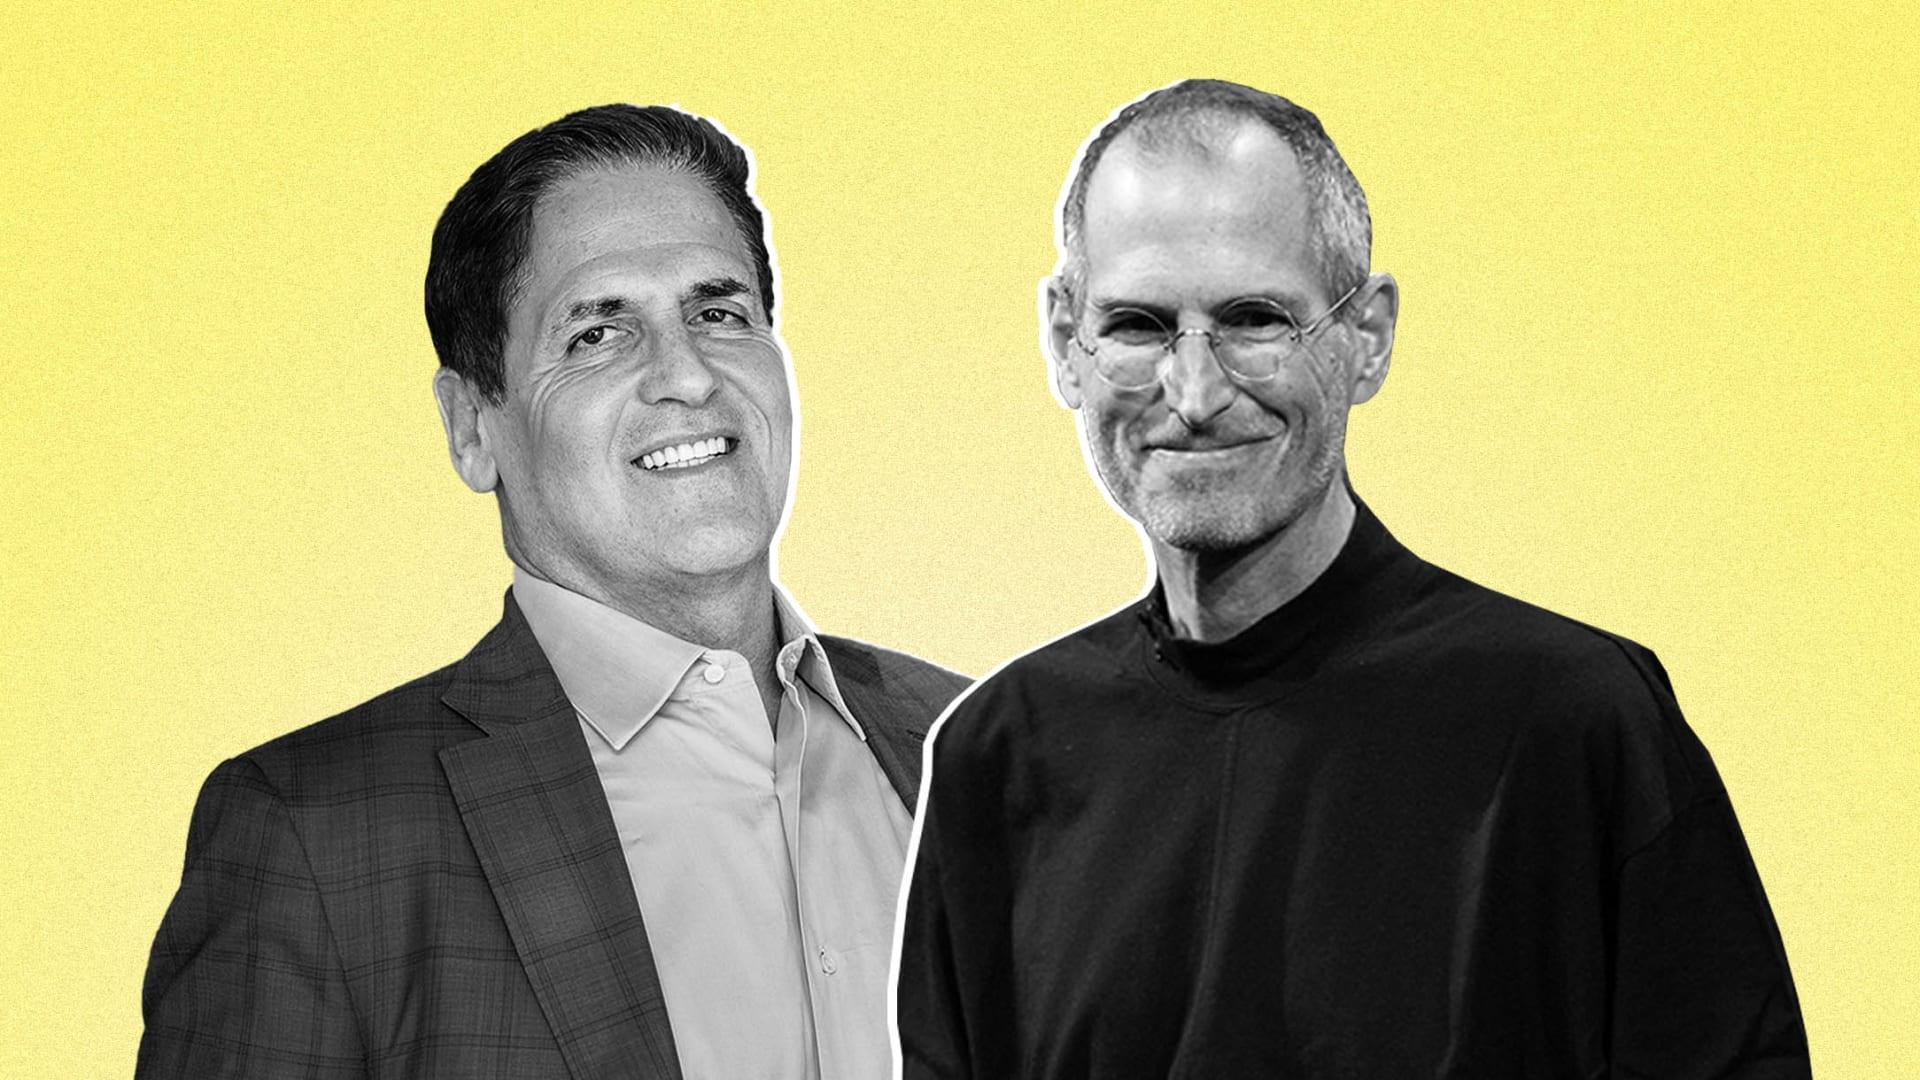 Mark Cuban and Steve Jobs.